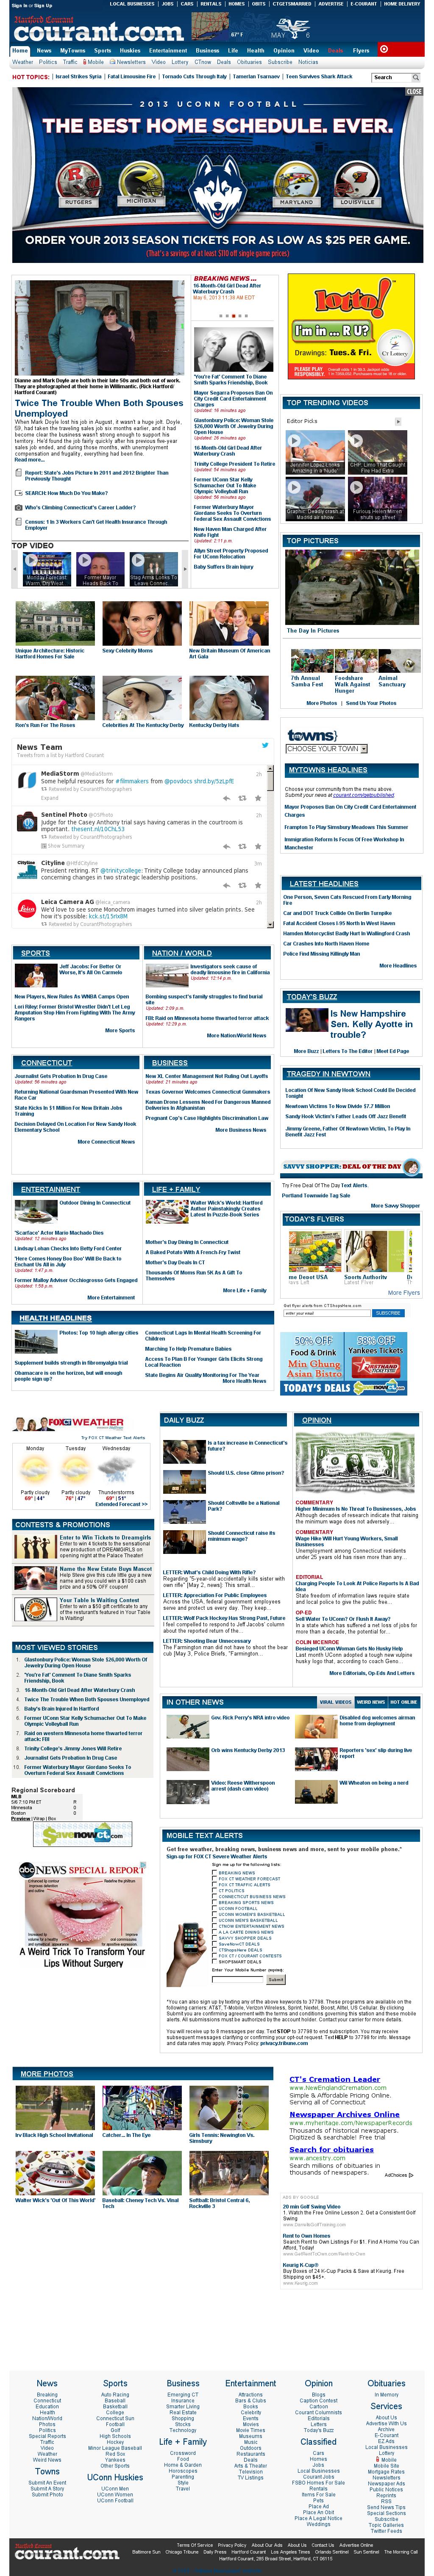 Hartford Courant at Monday May 6, 2013, 7:10 p.m. UTC